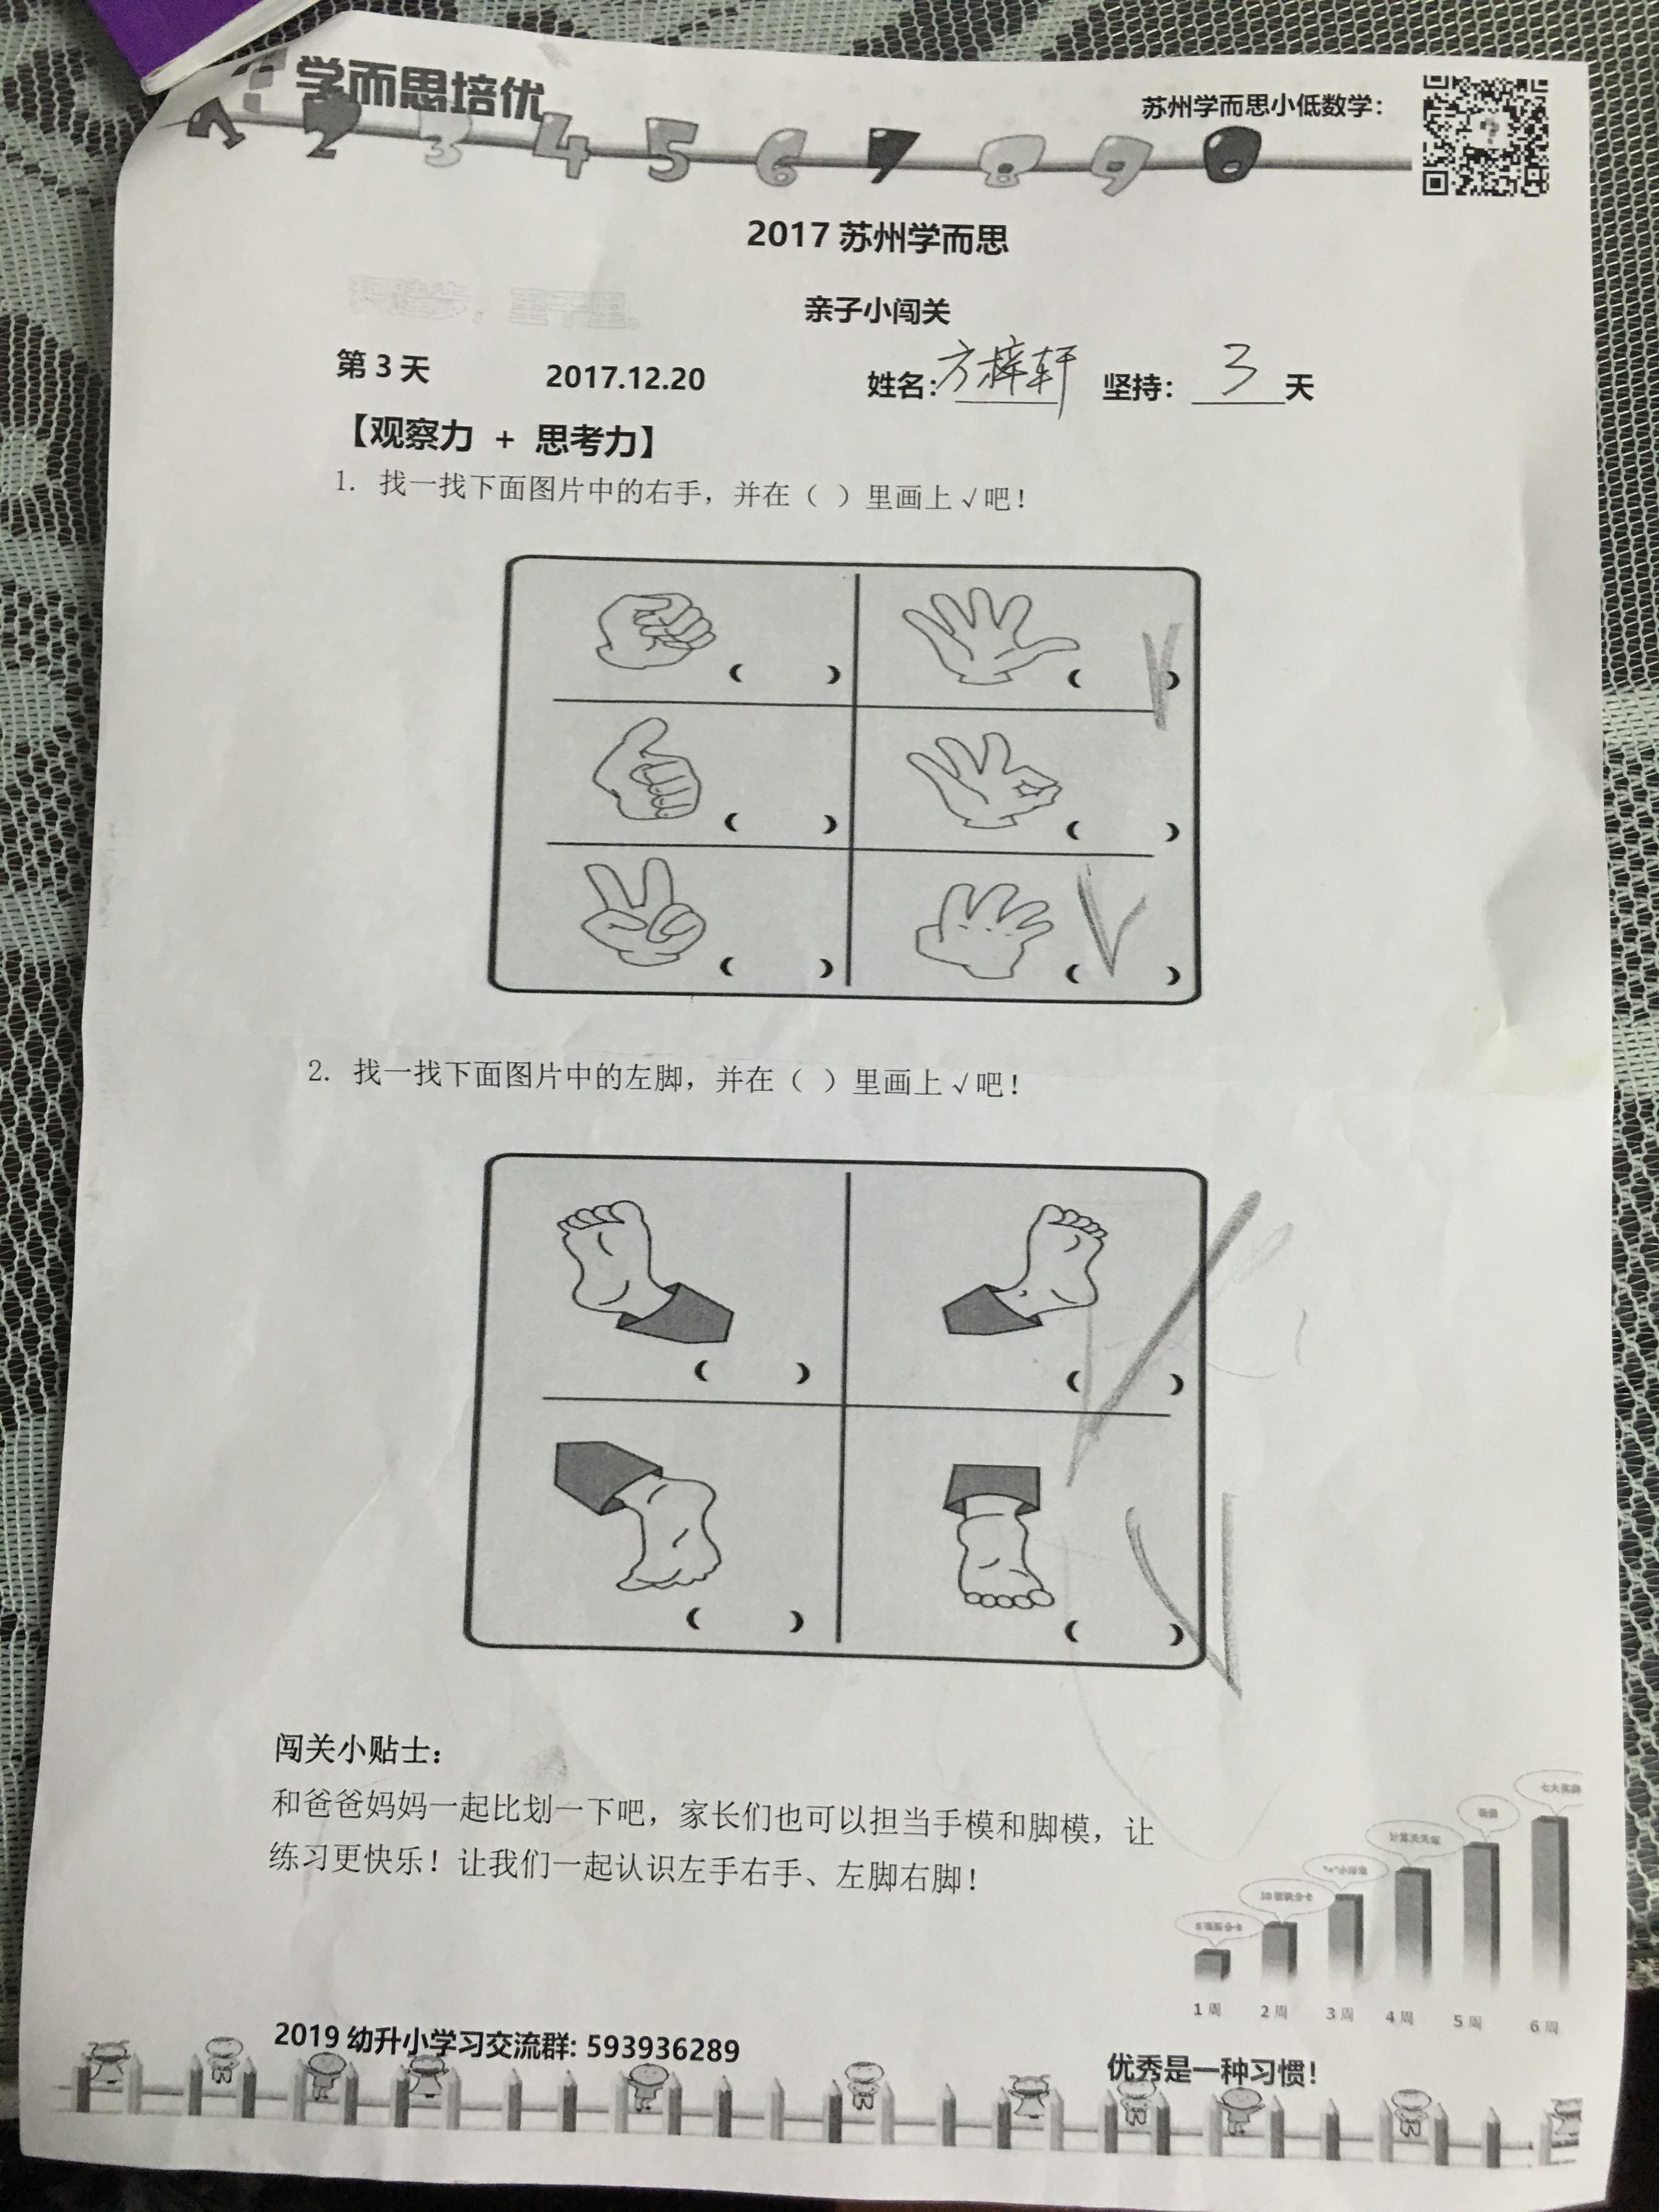 A7E014AC-DA8A-4D9F-96D0-3DDF67E83C1A.jpg